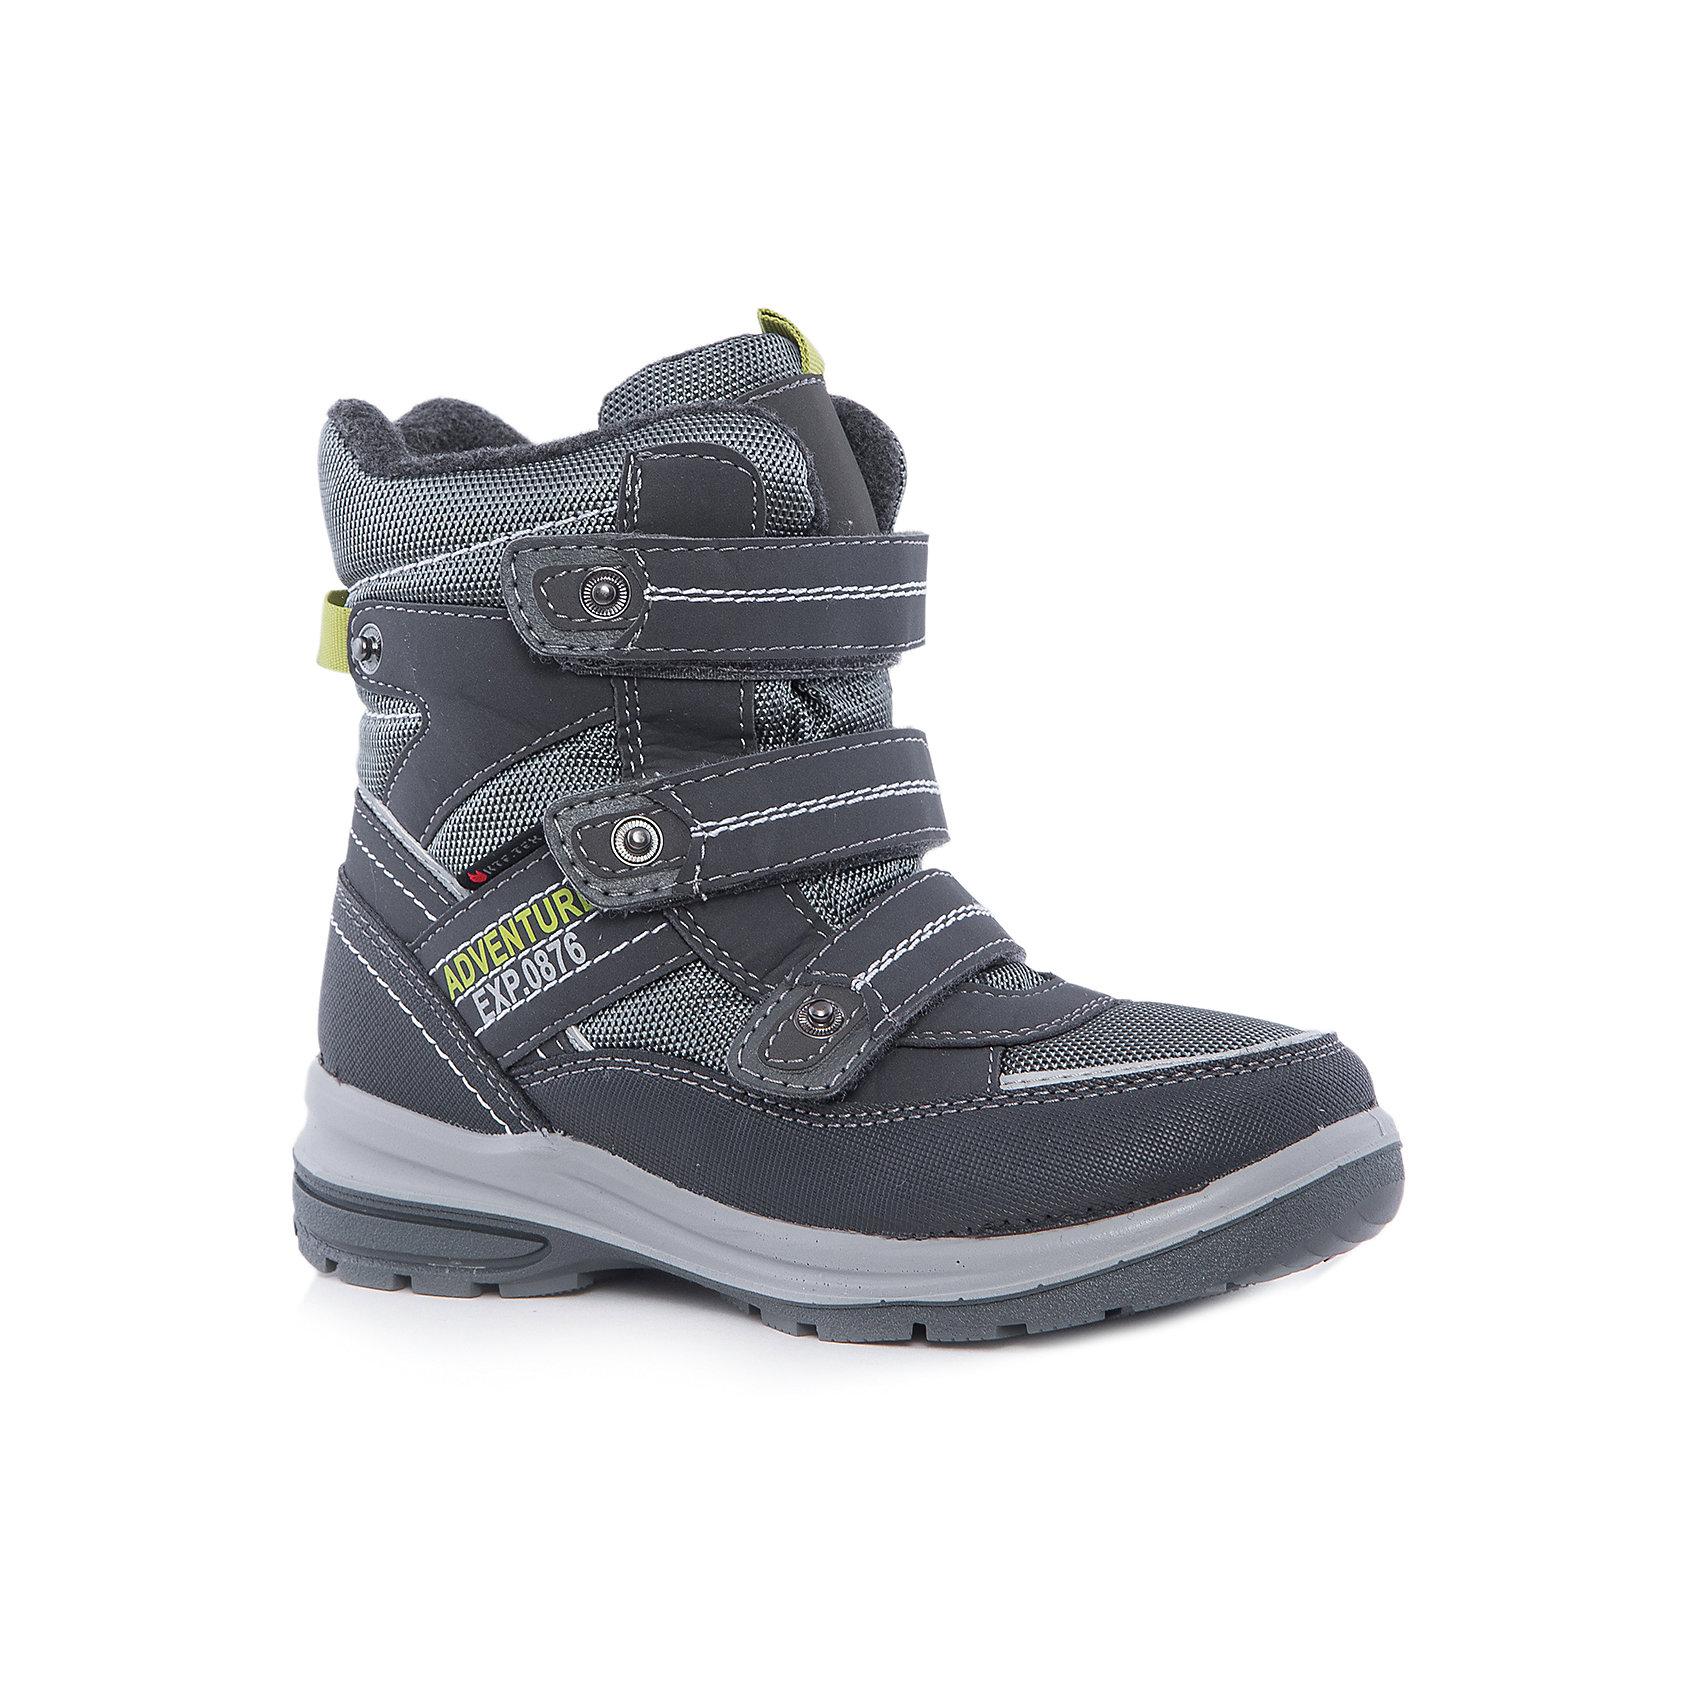 Ботинки для мальчика КотофейКотофей – качественная и стильная детская обувь по доступным ценам. С каждым днем популярность бренда растет.  С наступлением осенних холодов очень важно выбрать удобную и теплую обувь, которая защитит ножки малыша от промокания, а здоровье от простуды. Стильные спортивные ботинки на удобной застежке – липе – прекрасный выбор обновки гардероба к новому сезону. Модель отвечает всем модным требованиям.<br><br>Дополнительная информация:<br><br>цвет: серо-салатовый;<br>вид крепления: литьевой;<br>застежка: липучка;<br>температурный режим: от 0°С до +15° С.<br><br>Состав:<br>верх – комбинированный материал;<br>подклад – шерстяной мех;<br>подошва – ПУ/резина.<br><br>Осенние ботиночки из искусственного материала для мальчика школьного возраста от фирмы Котофей можно приобрести у нас в магазине.<br><br>Ширина мм: 262<br>Глубина мм: 176<br>Высота мм: 97<br>Вес г: 427<br>Цвет: grau/gr?n<br>Возраст от месяцев: 132<br>Возраст до месяцев: 144<br>Пол: Мужской<br>Возраст: Детский<br>Размер: 35,33,34,32<br>SKU: 4982274